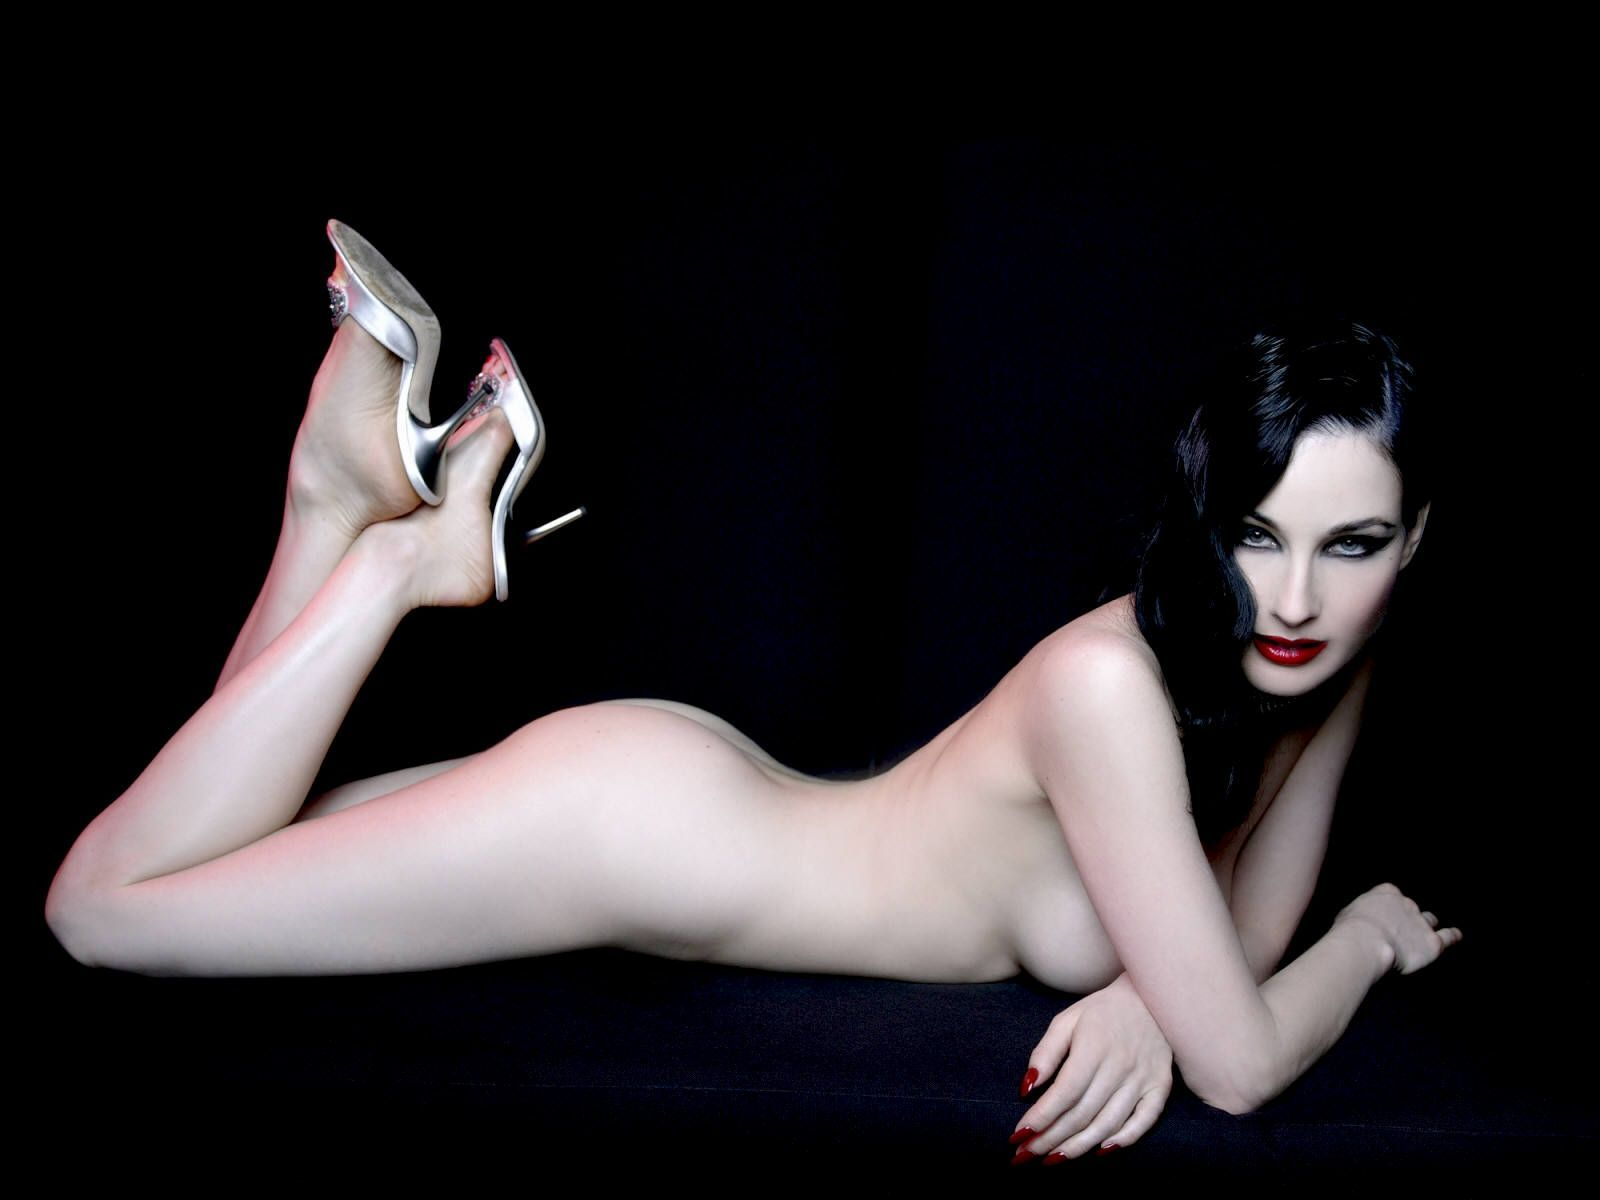 Dita Von Teese nackt, Oben ohne Bilder, Playboy Fotos,